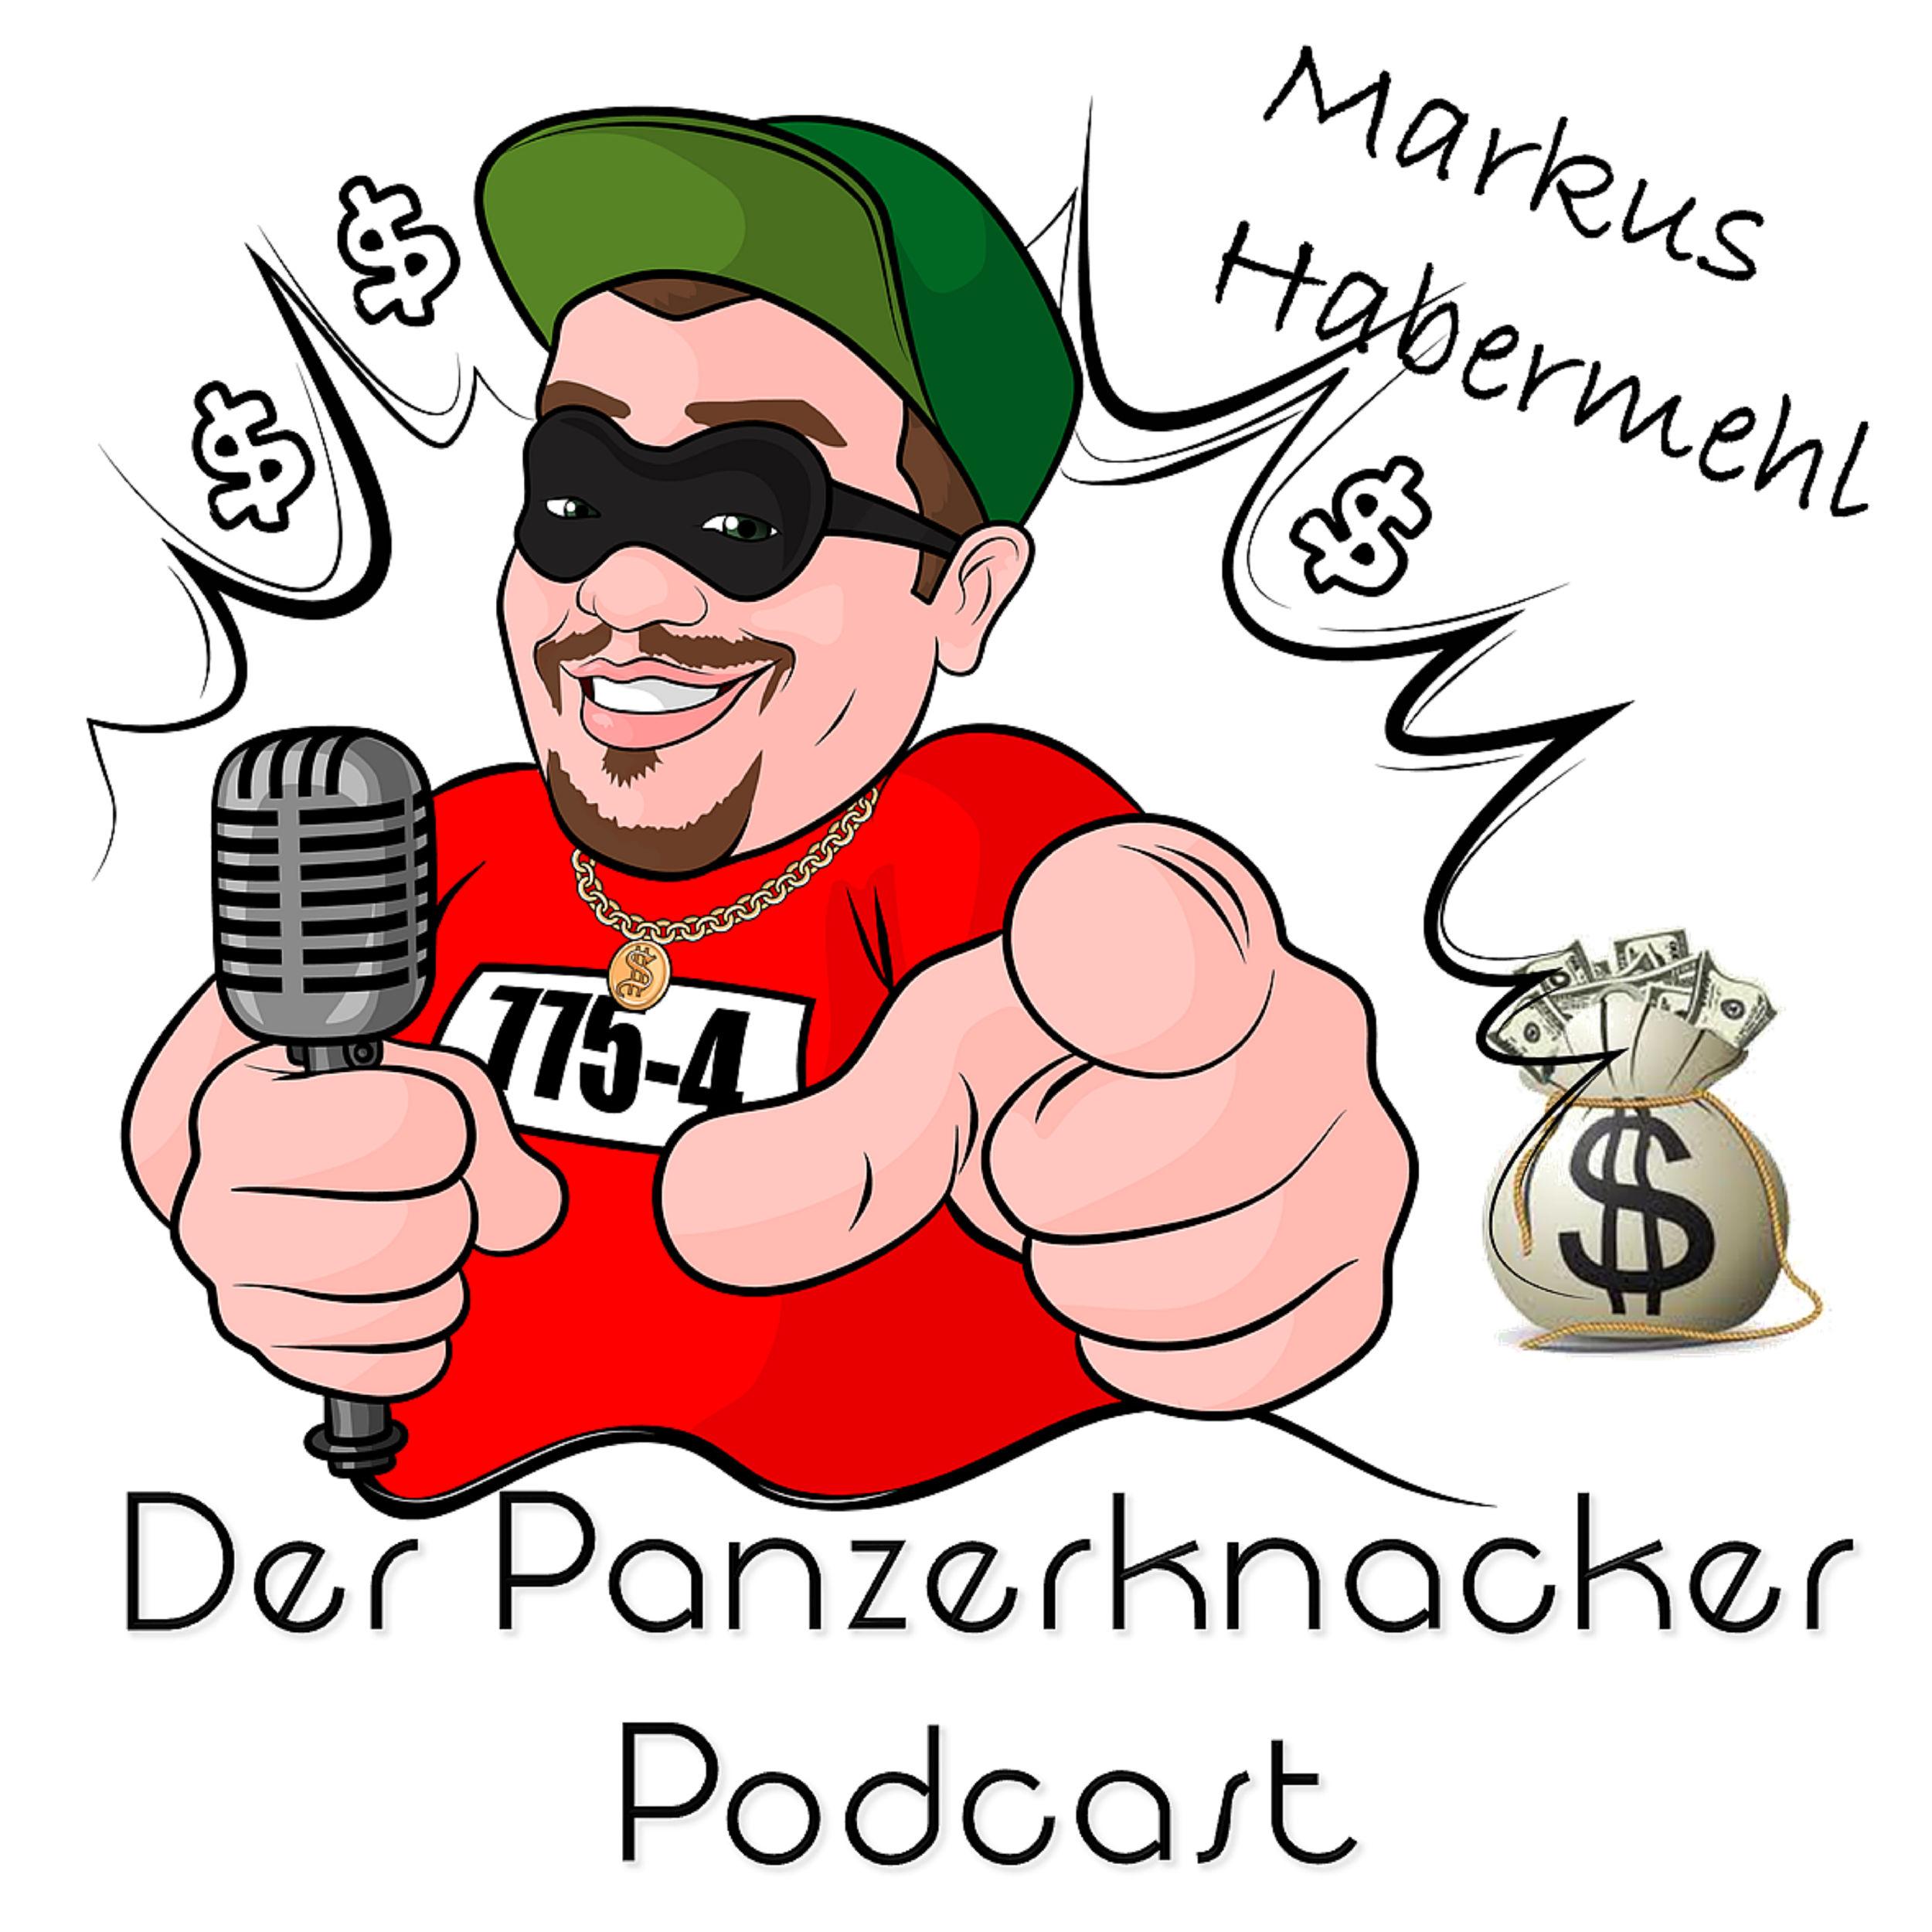 Der Panzerknacker - DER Finanz Podcast von Markus Habermehl show art